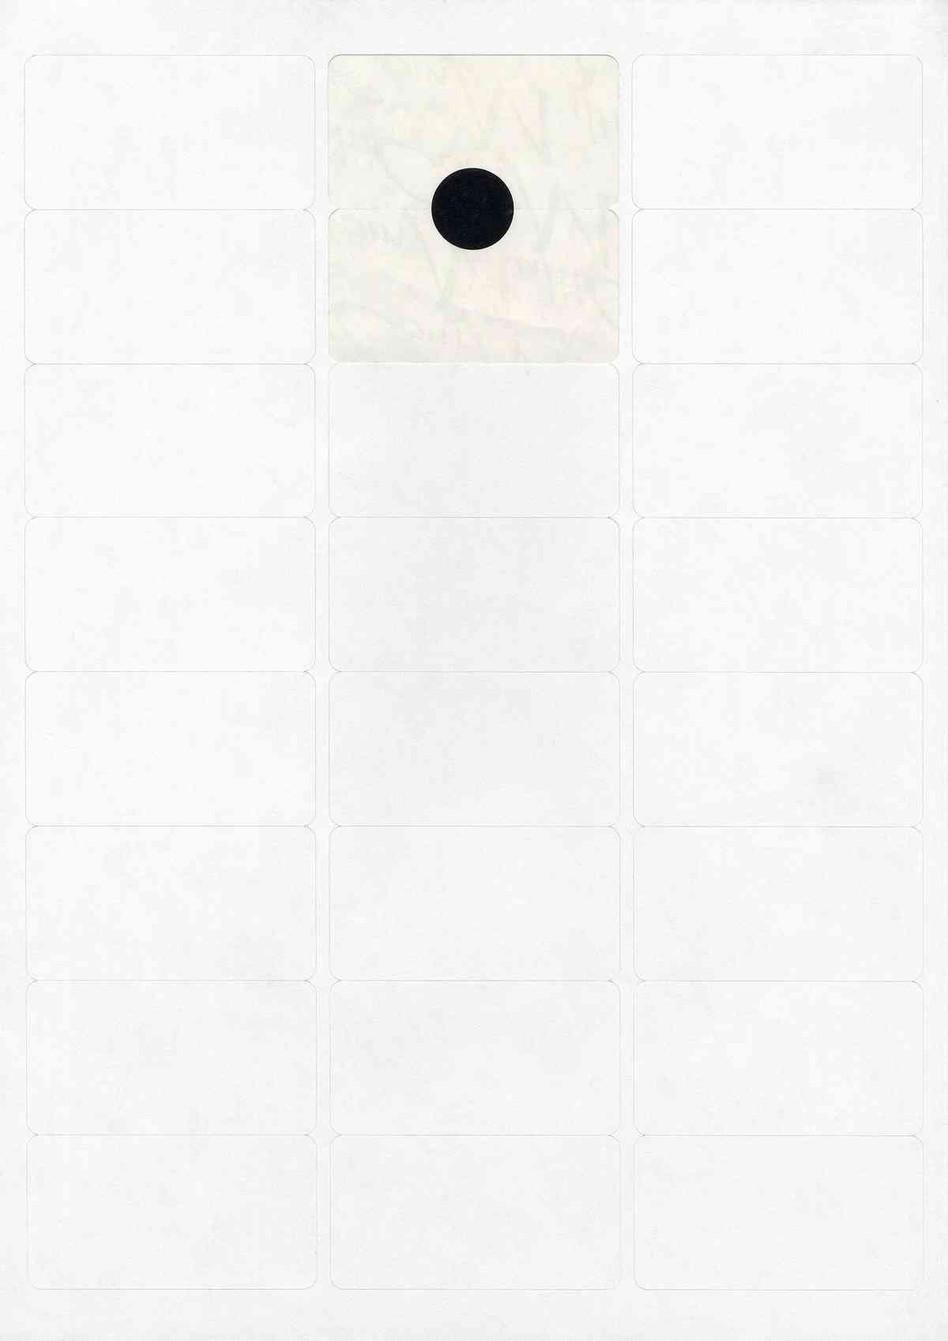 Pastille noire sur feuille d'étiquettes - 21 x 29,7cm - 2006